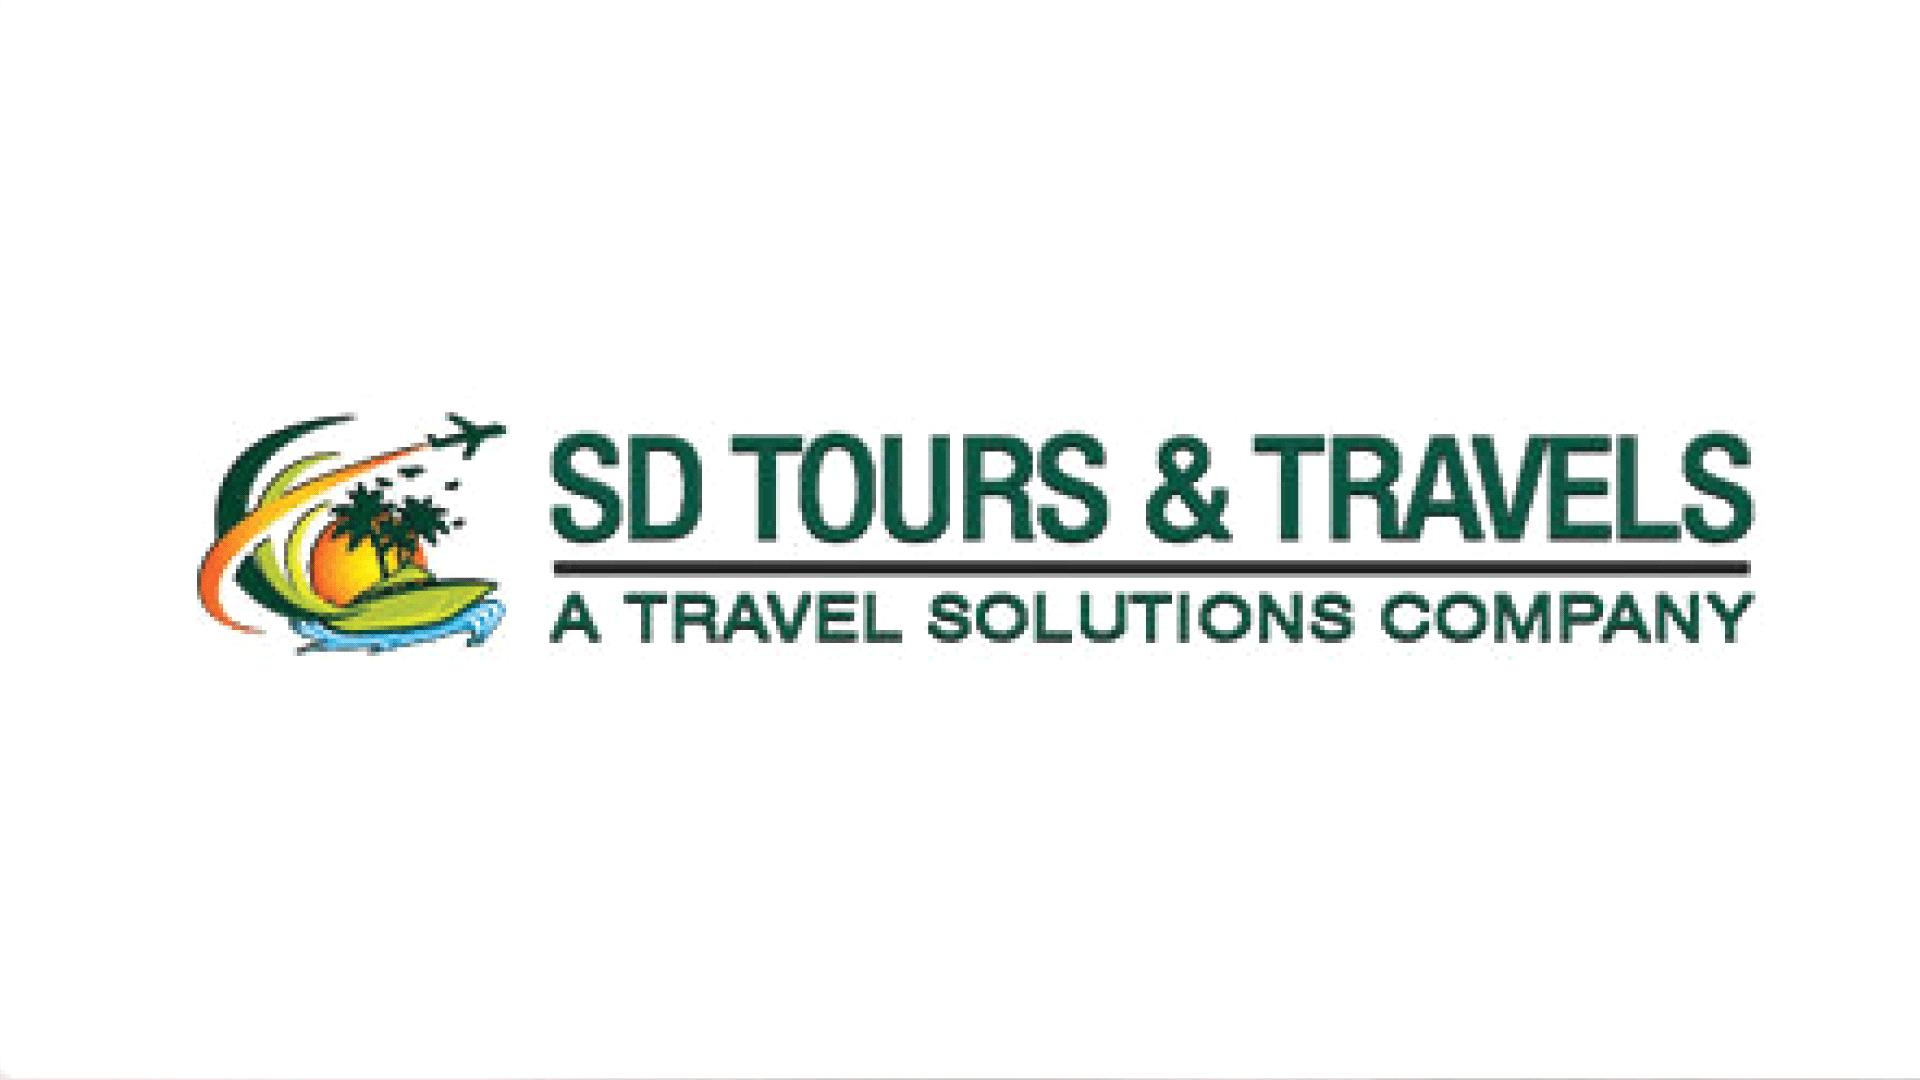 SD Toures